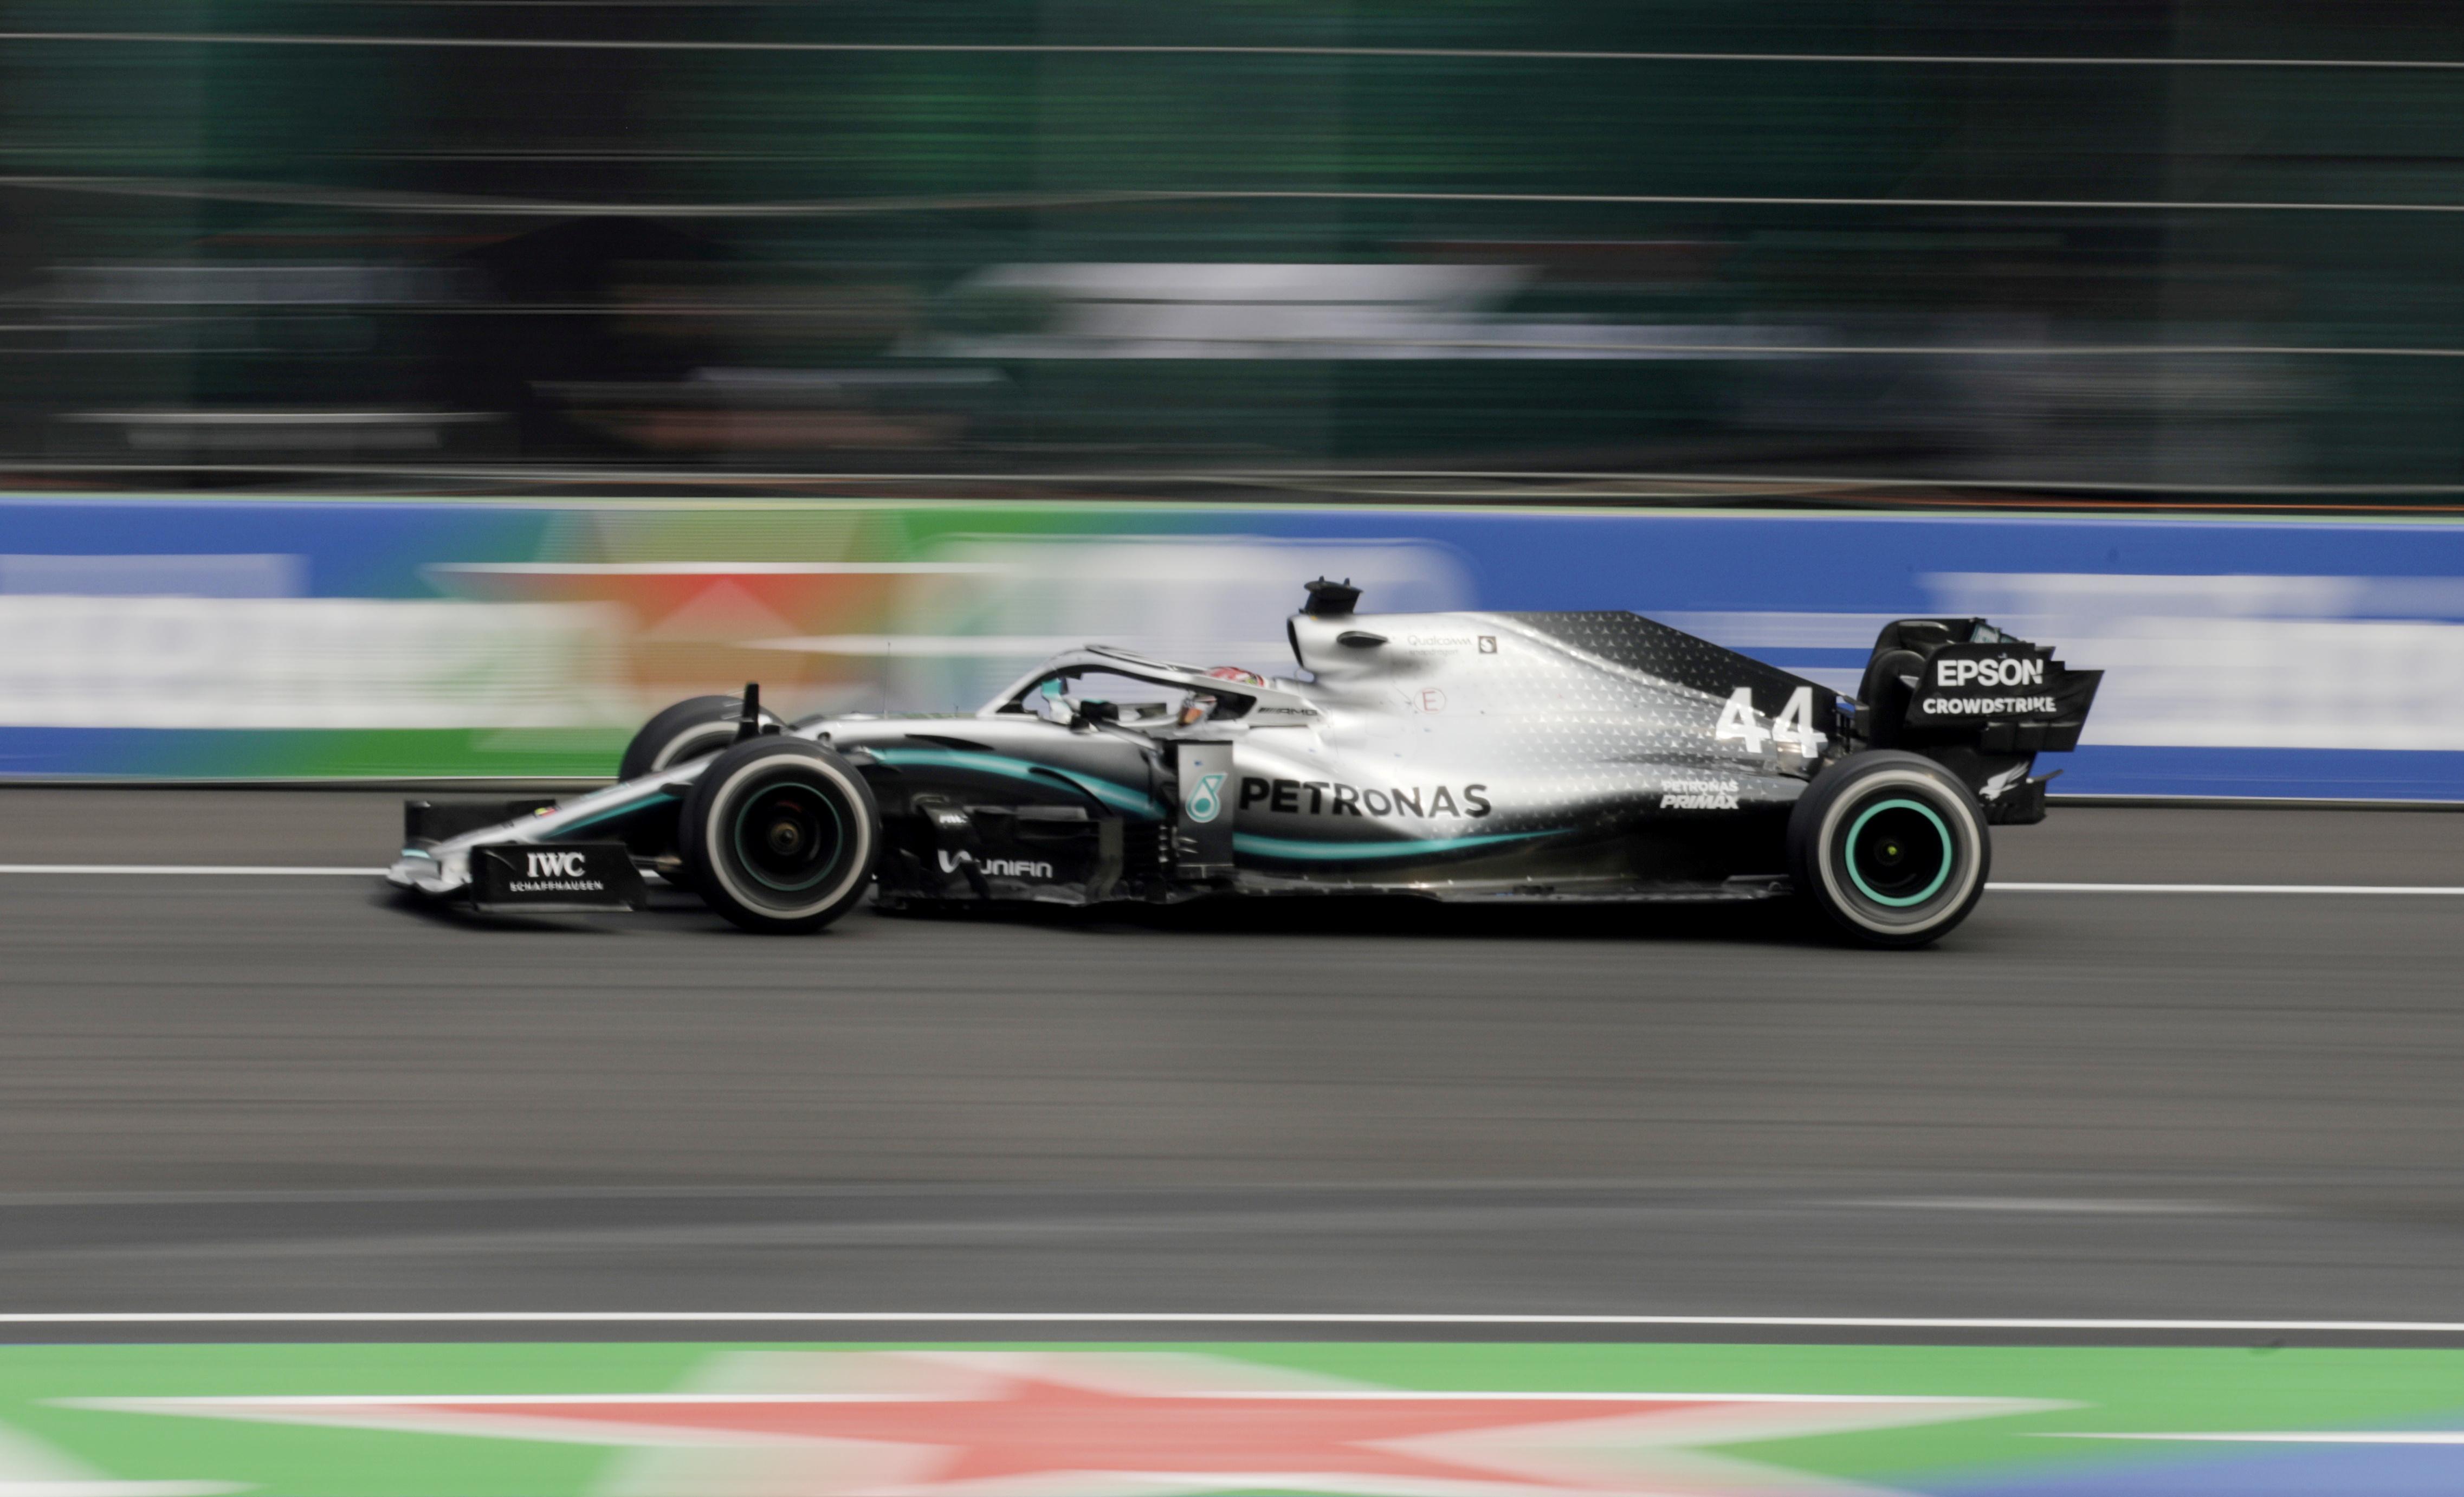 Mercedes explain why Hamilton struggled in U.S. qualifying